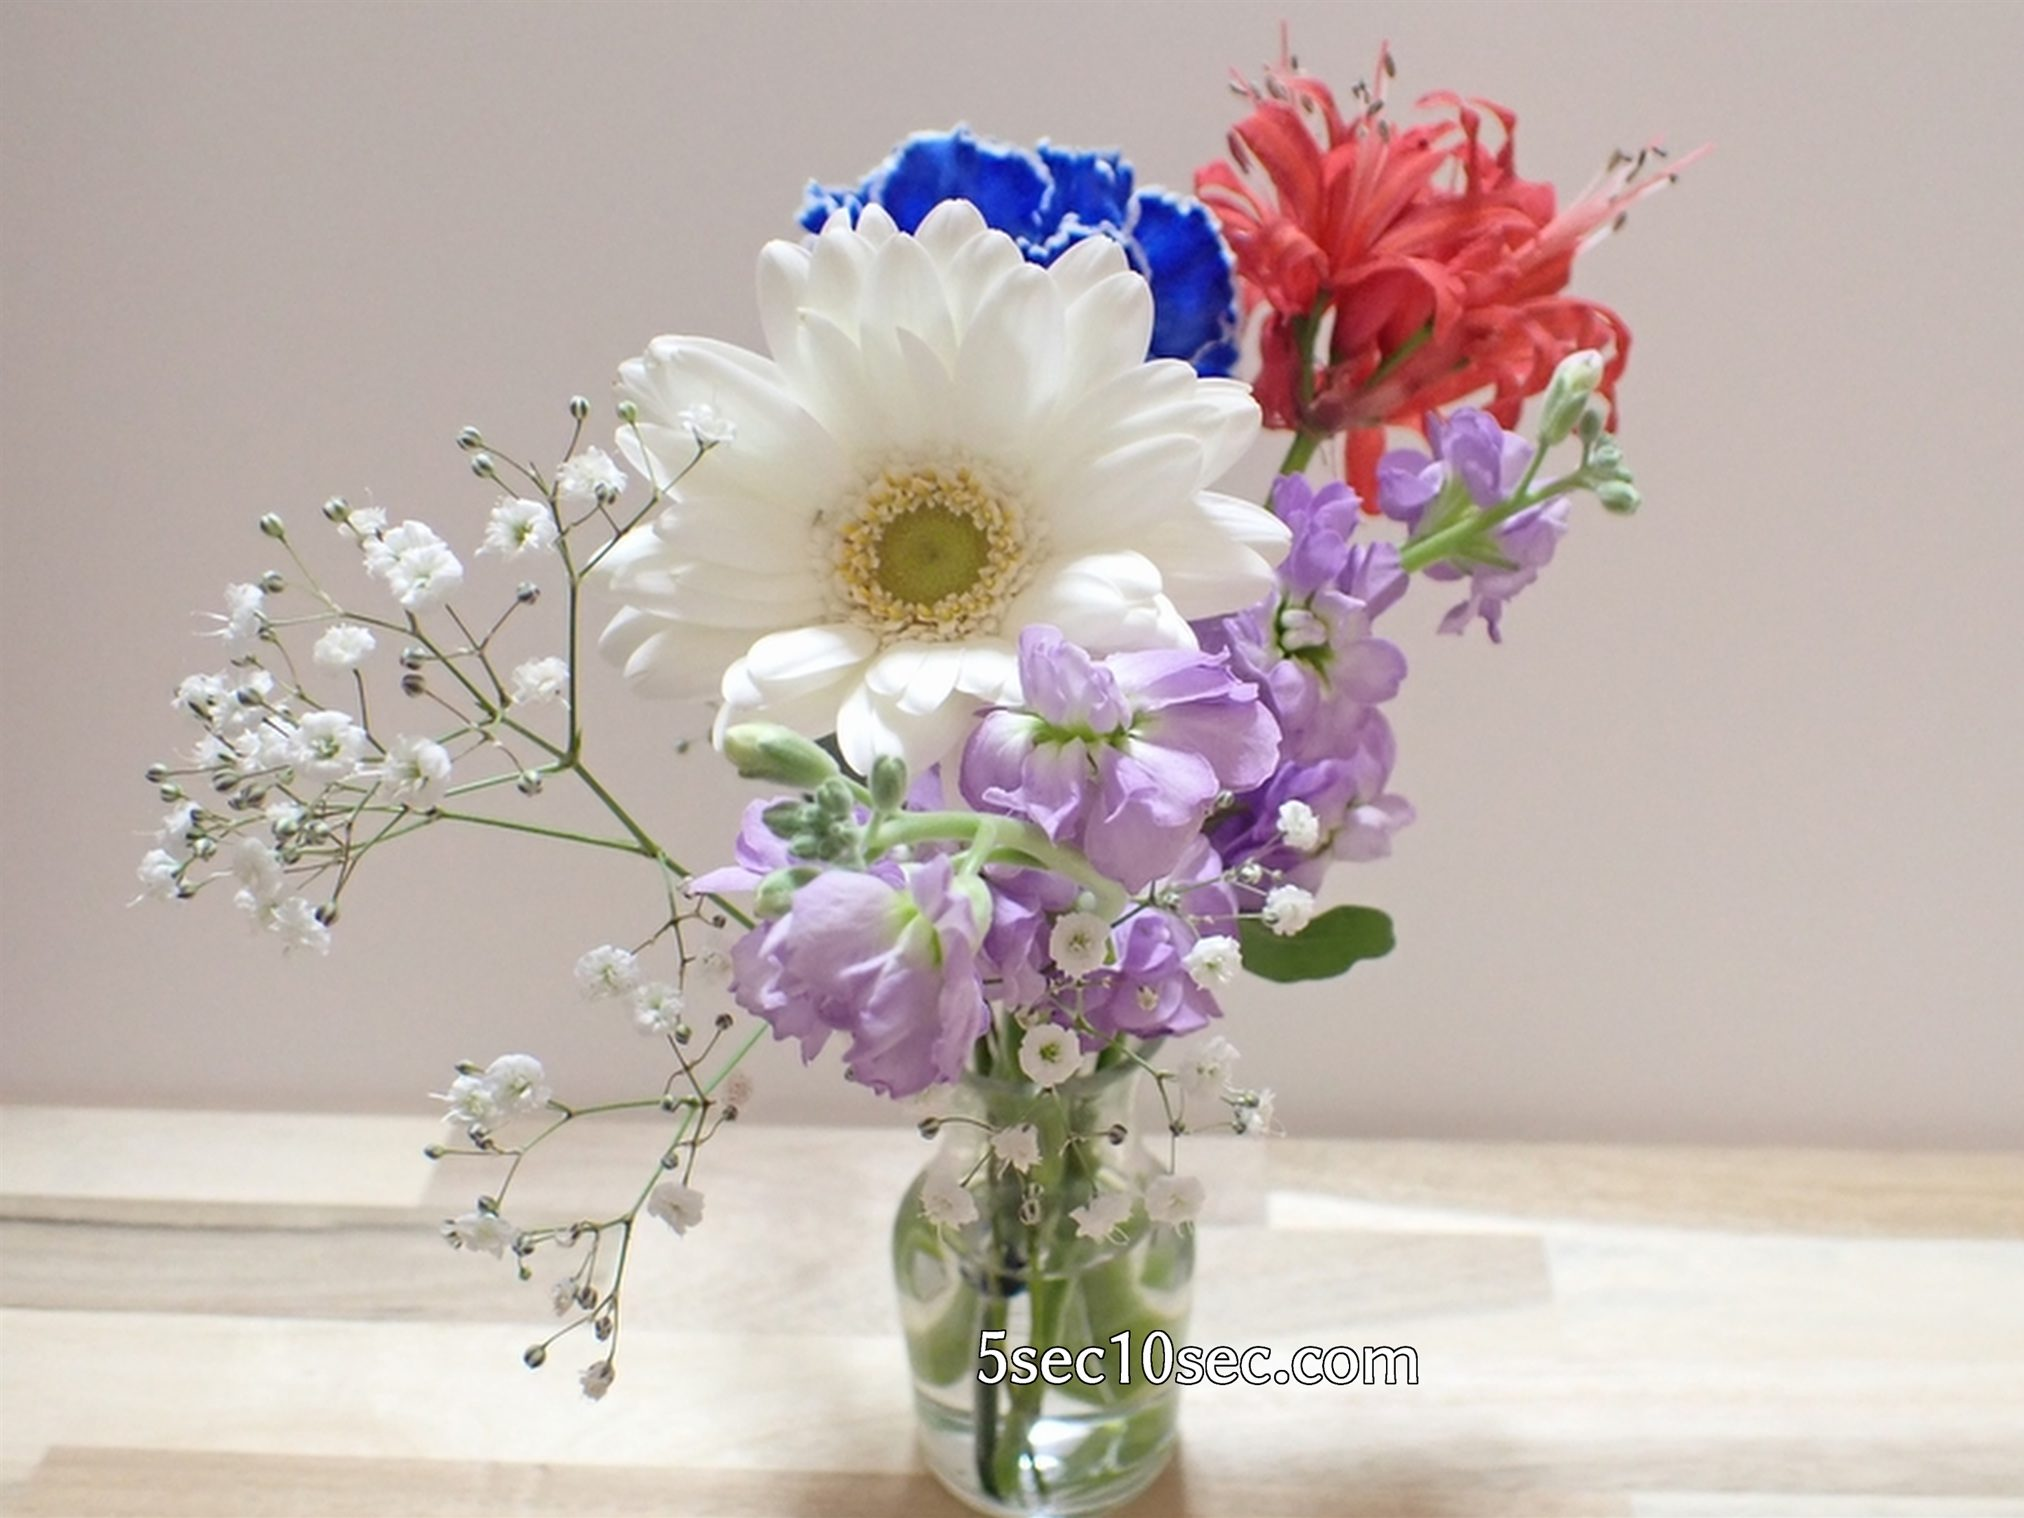 株式会社Crunch Style お花の定期便 Bloomee LIFE ブルーミーライフ 800円のレギュラープラン 花瓶の向きはどちらを前にしても、どの角度から見ても綺麗です